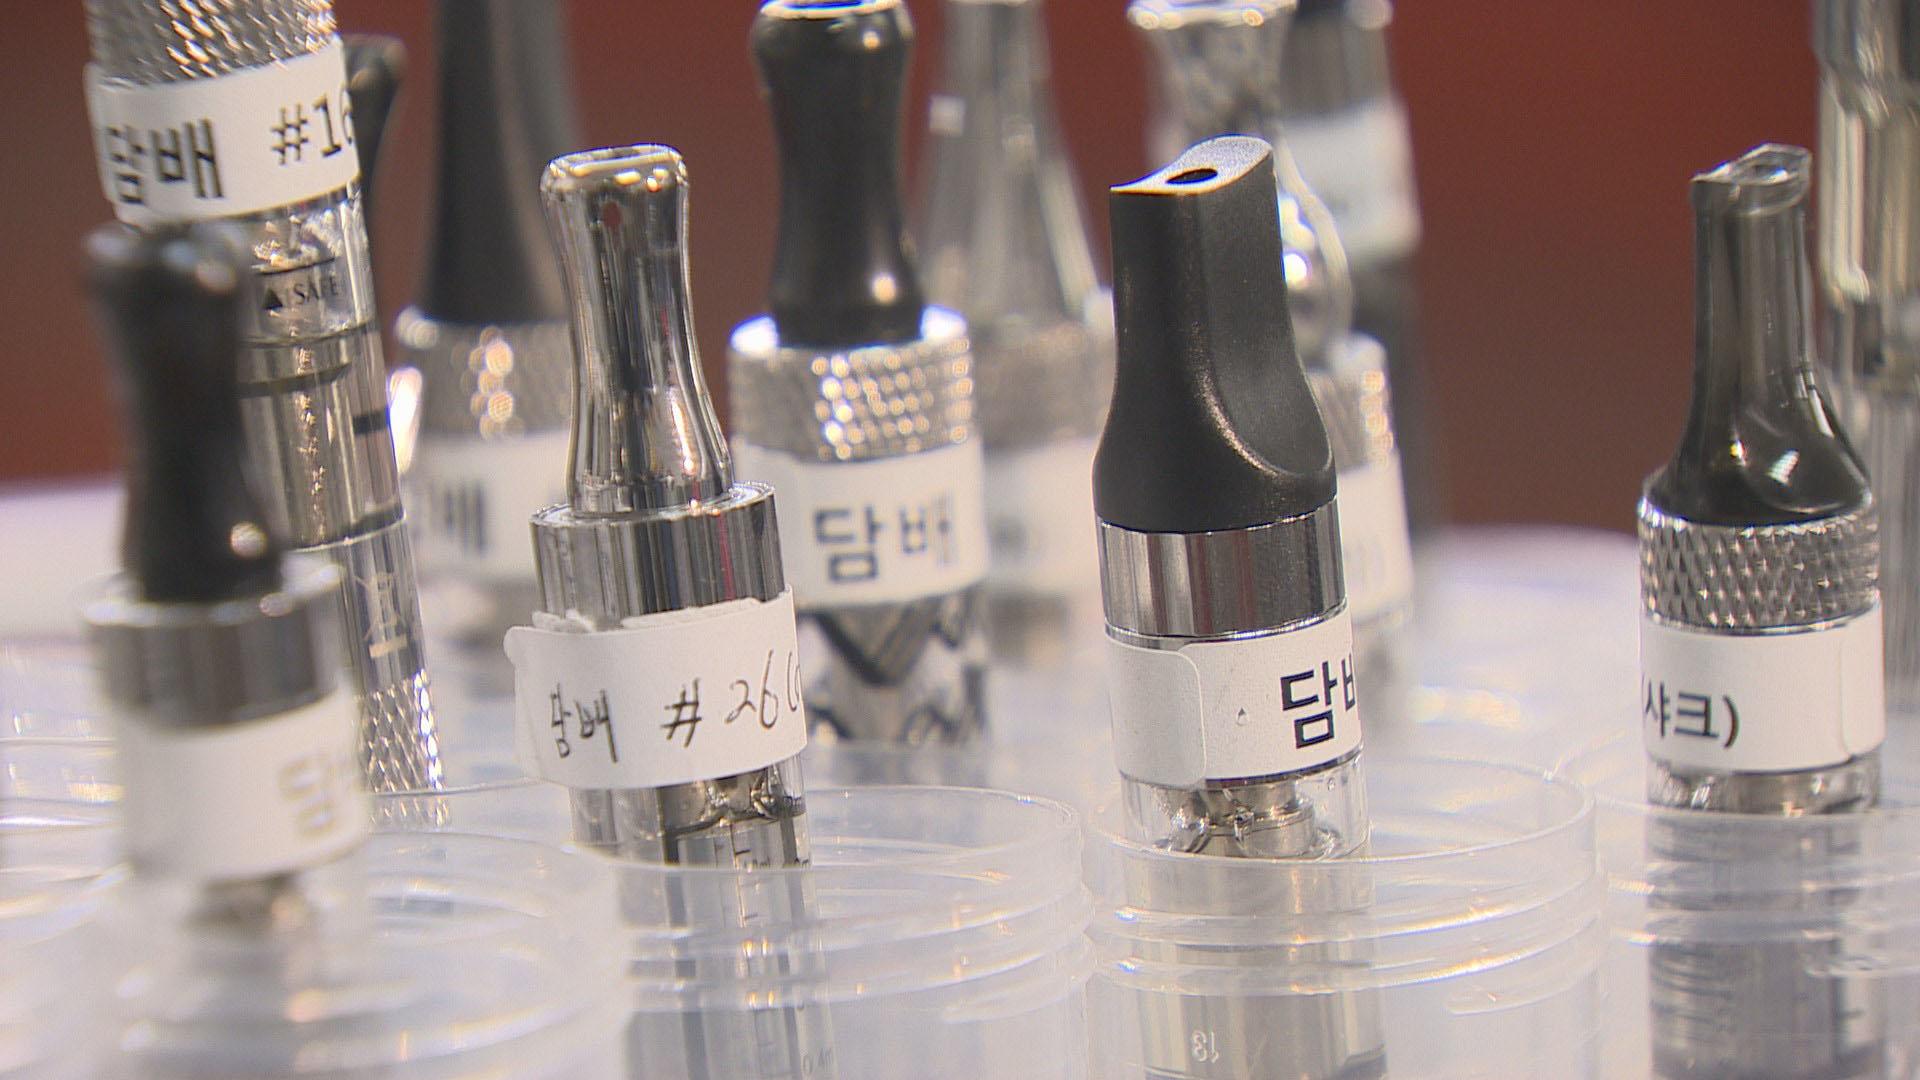 연초 줄기·뿌리 추출 전자담배 니코틴 수입 급증